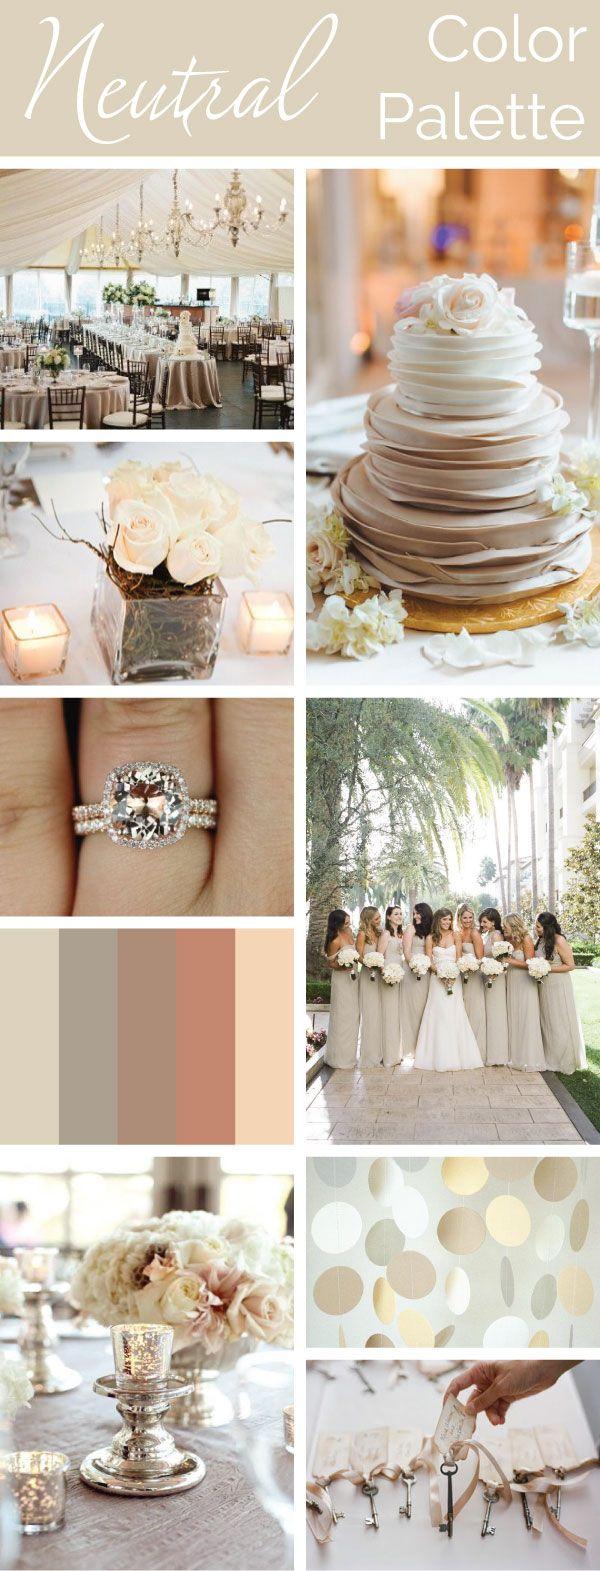 Neutral Color Palette: Simple, Elegant, Versatile. | Linentablecloth